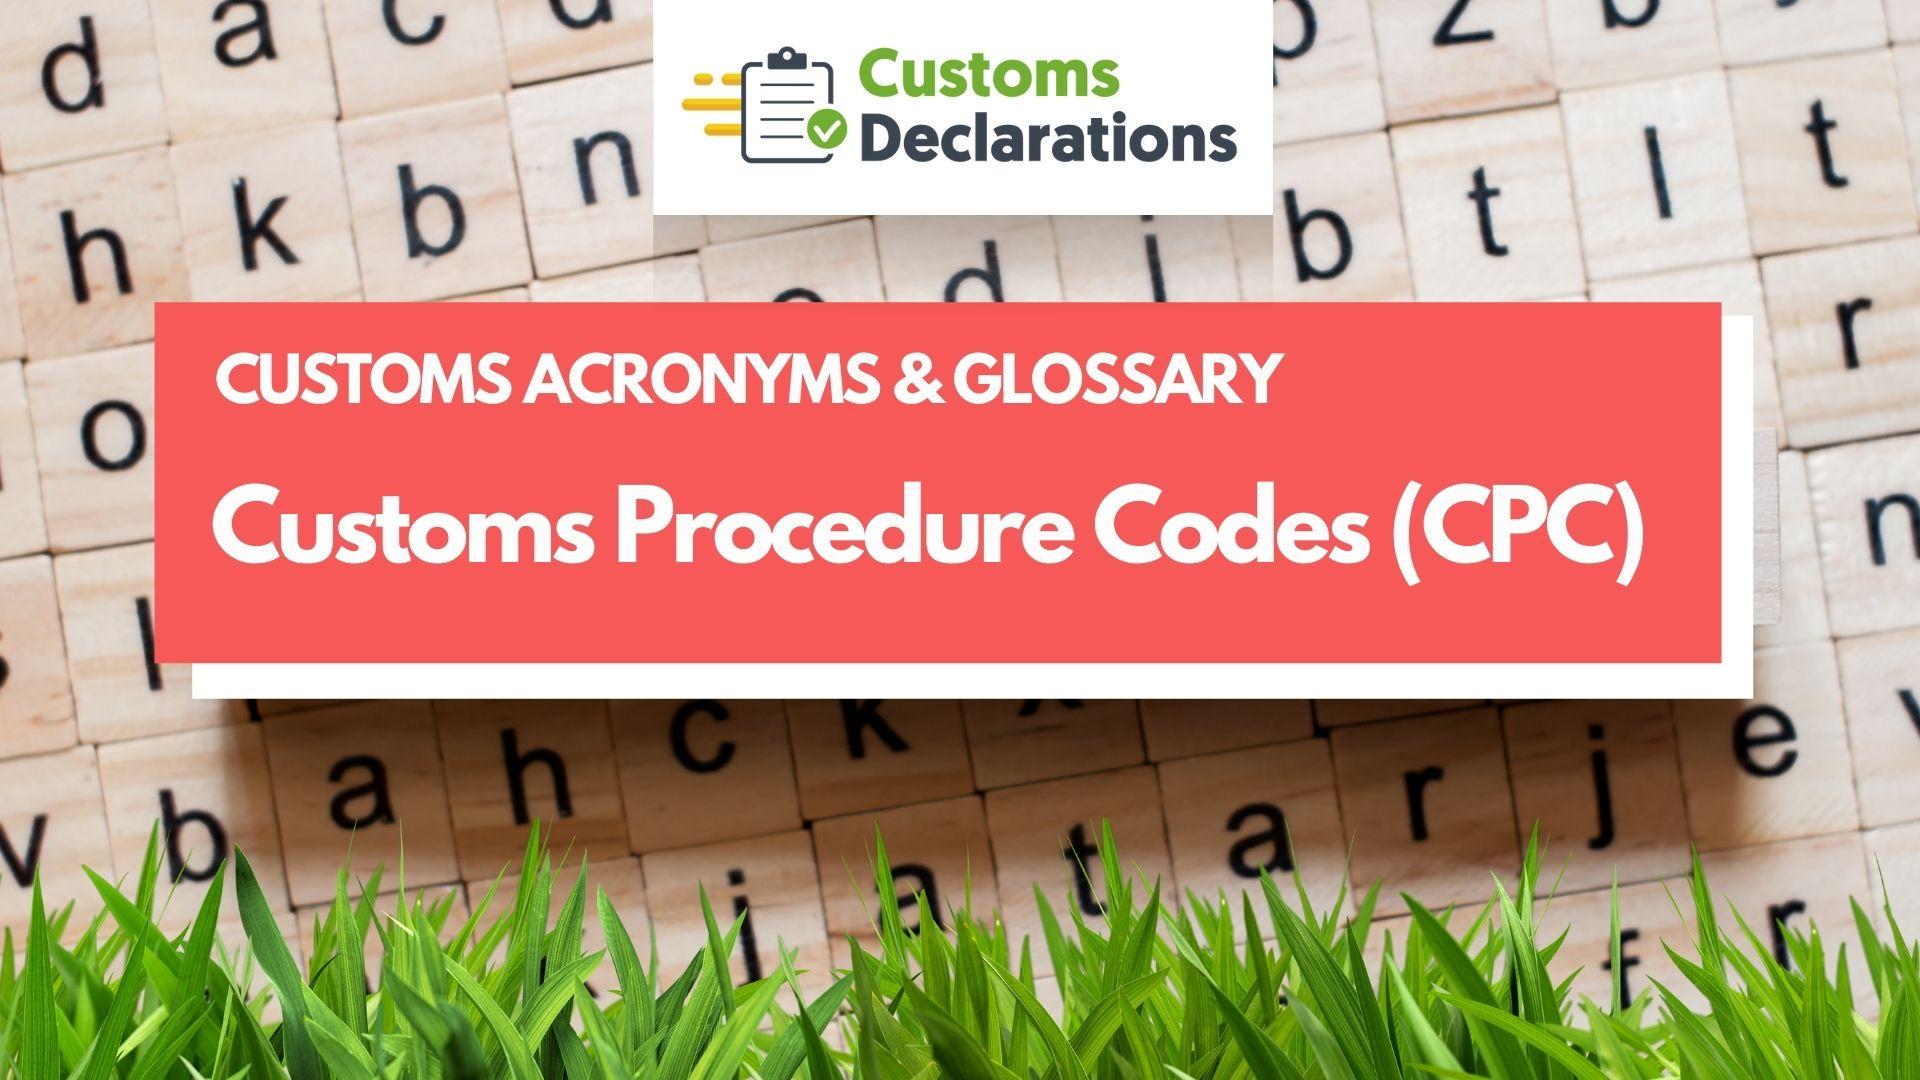 Customs Procedures Codes (CPCs)